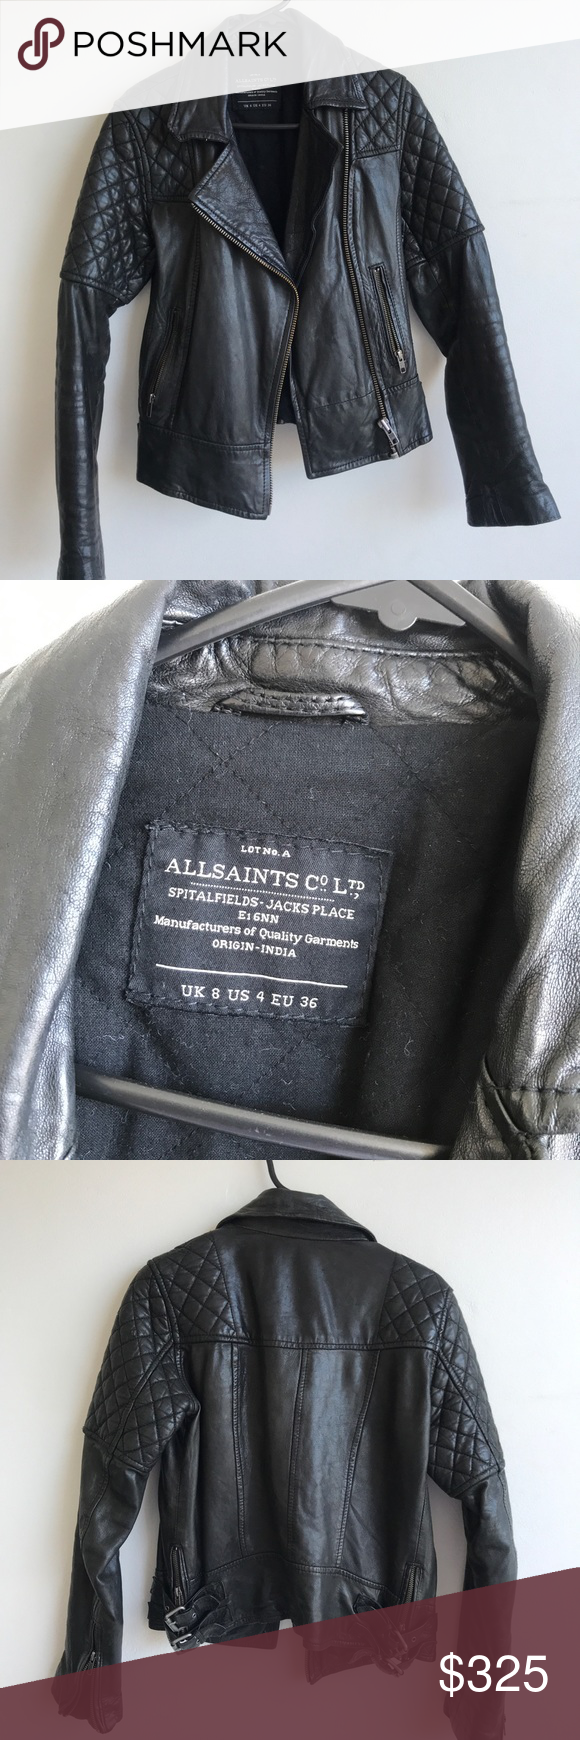 All Saints Walker Leather Jacket (Sz 4) All saints